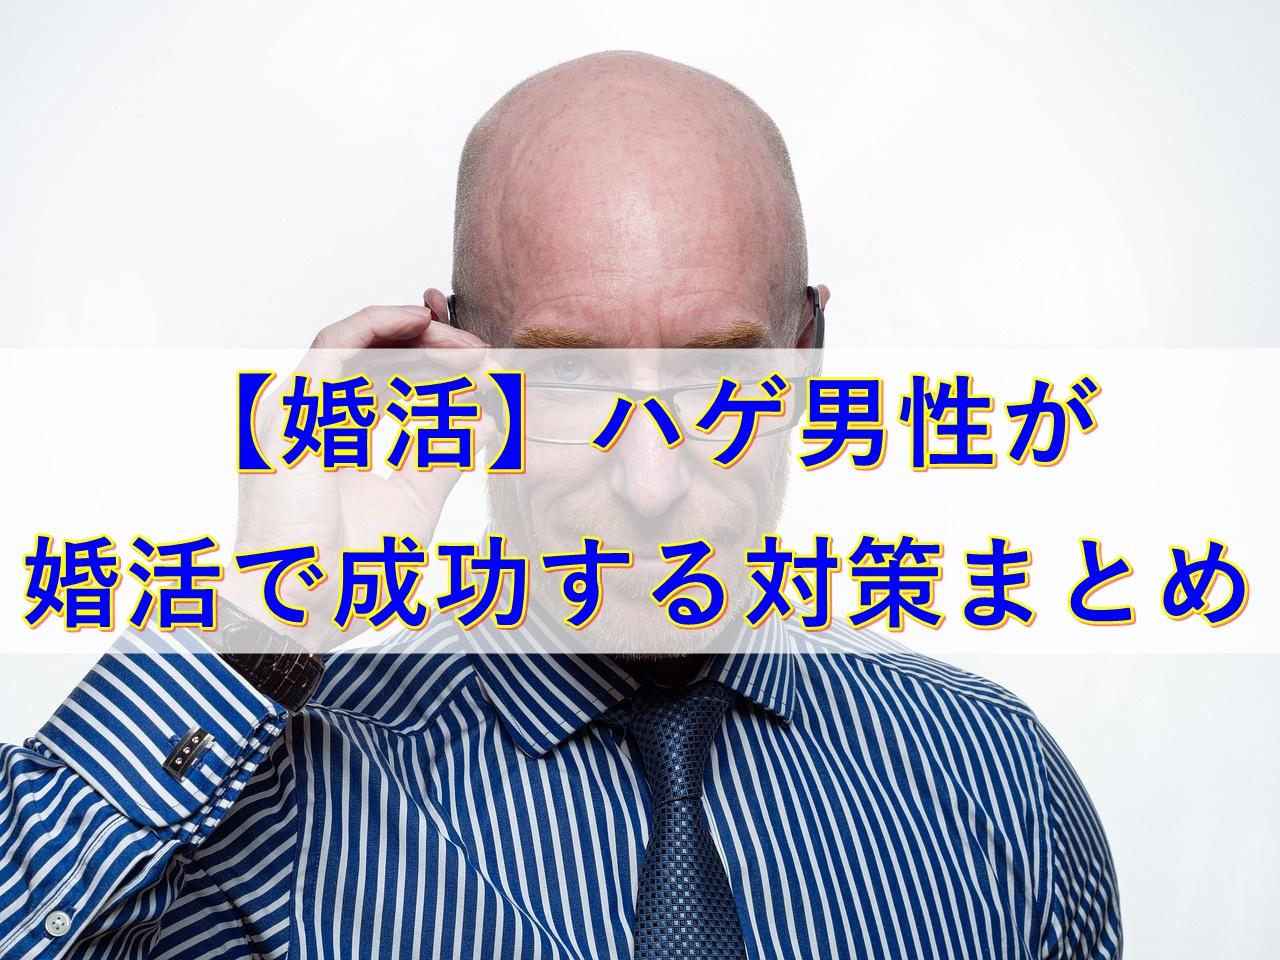 【婚活】薄毛男子が婚活で成功する対策まとめ